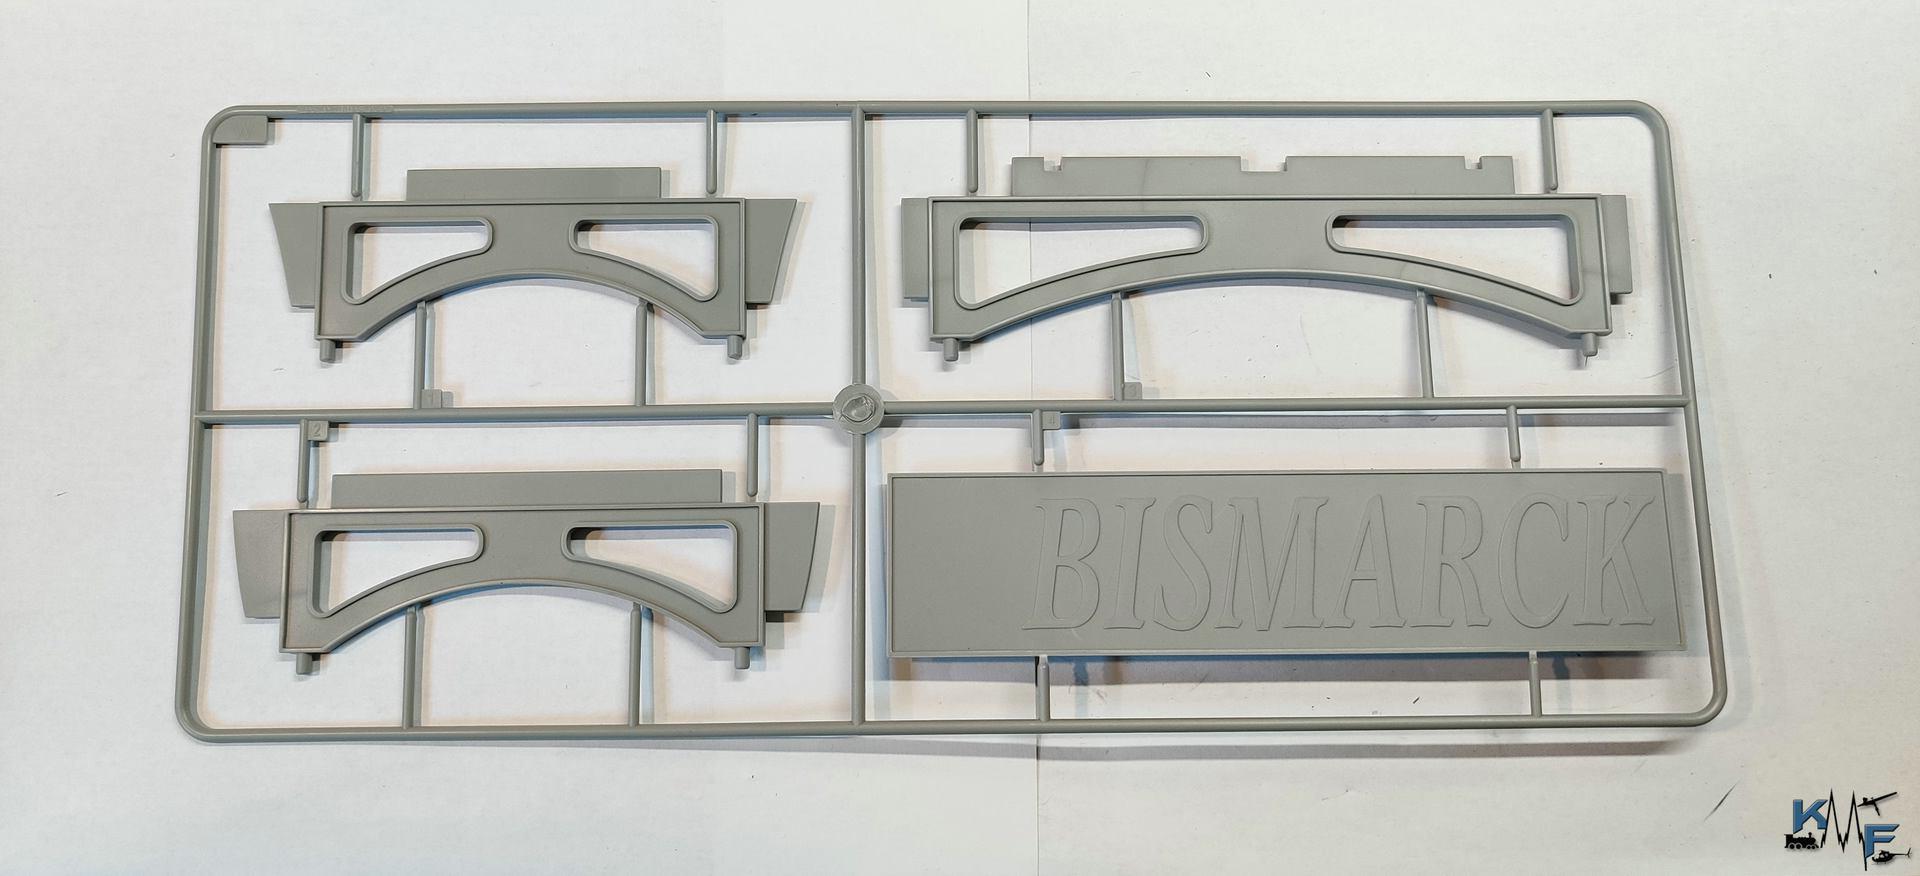 BV-TRU-BISMARCK_39.jpg